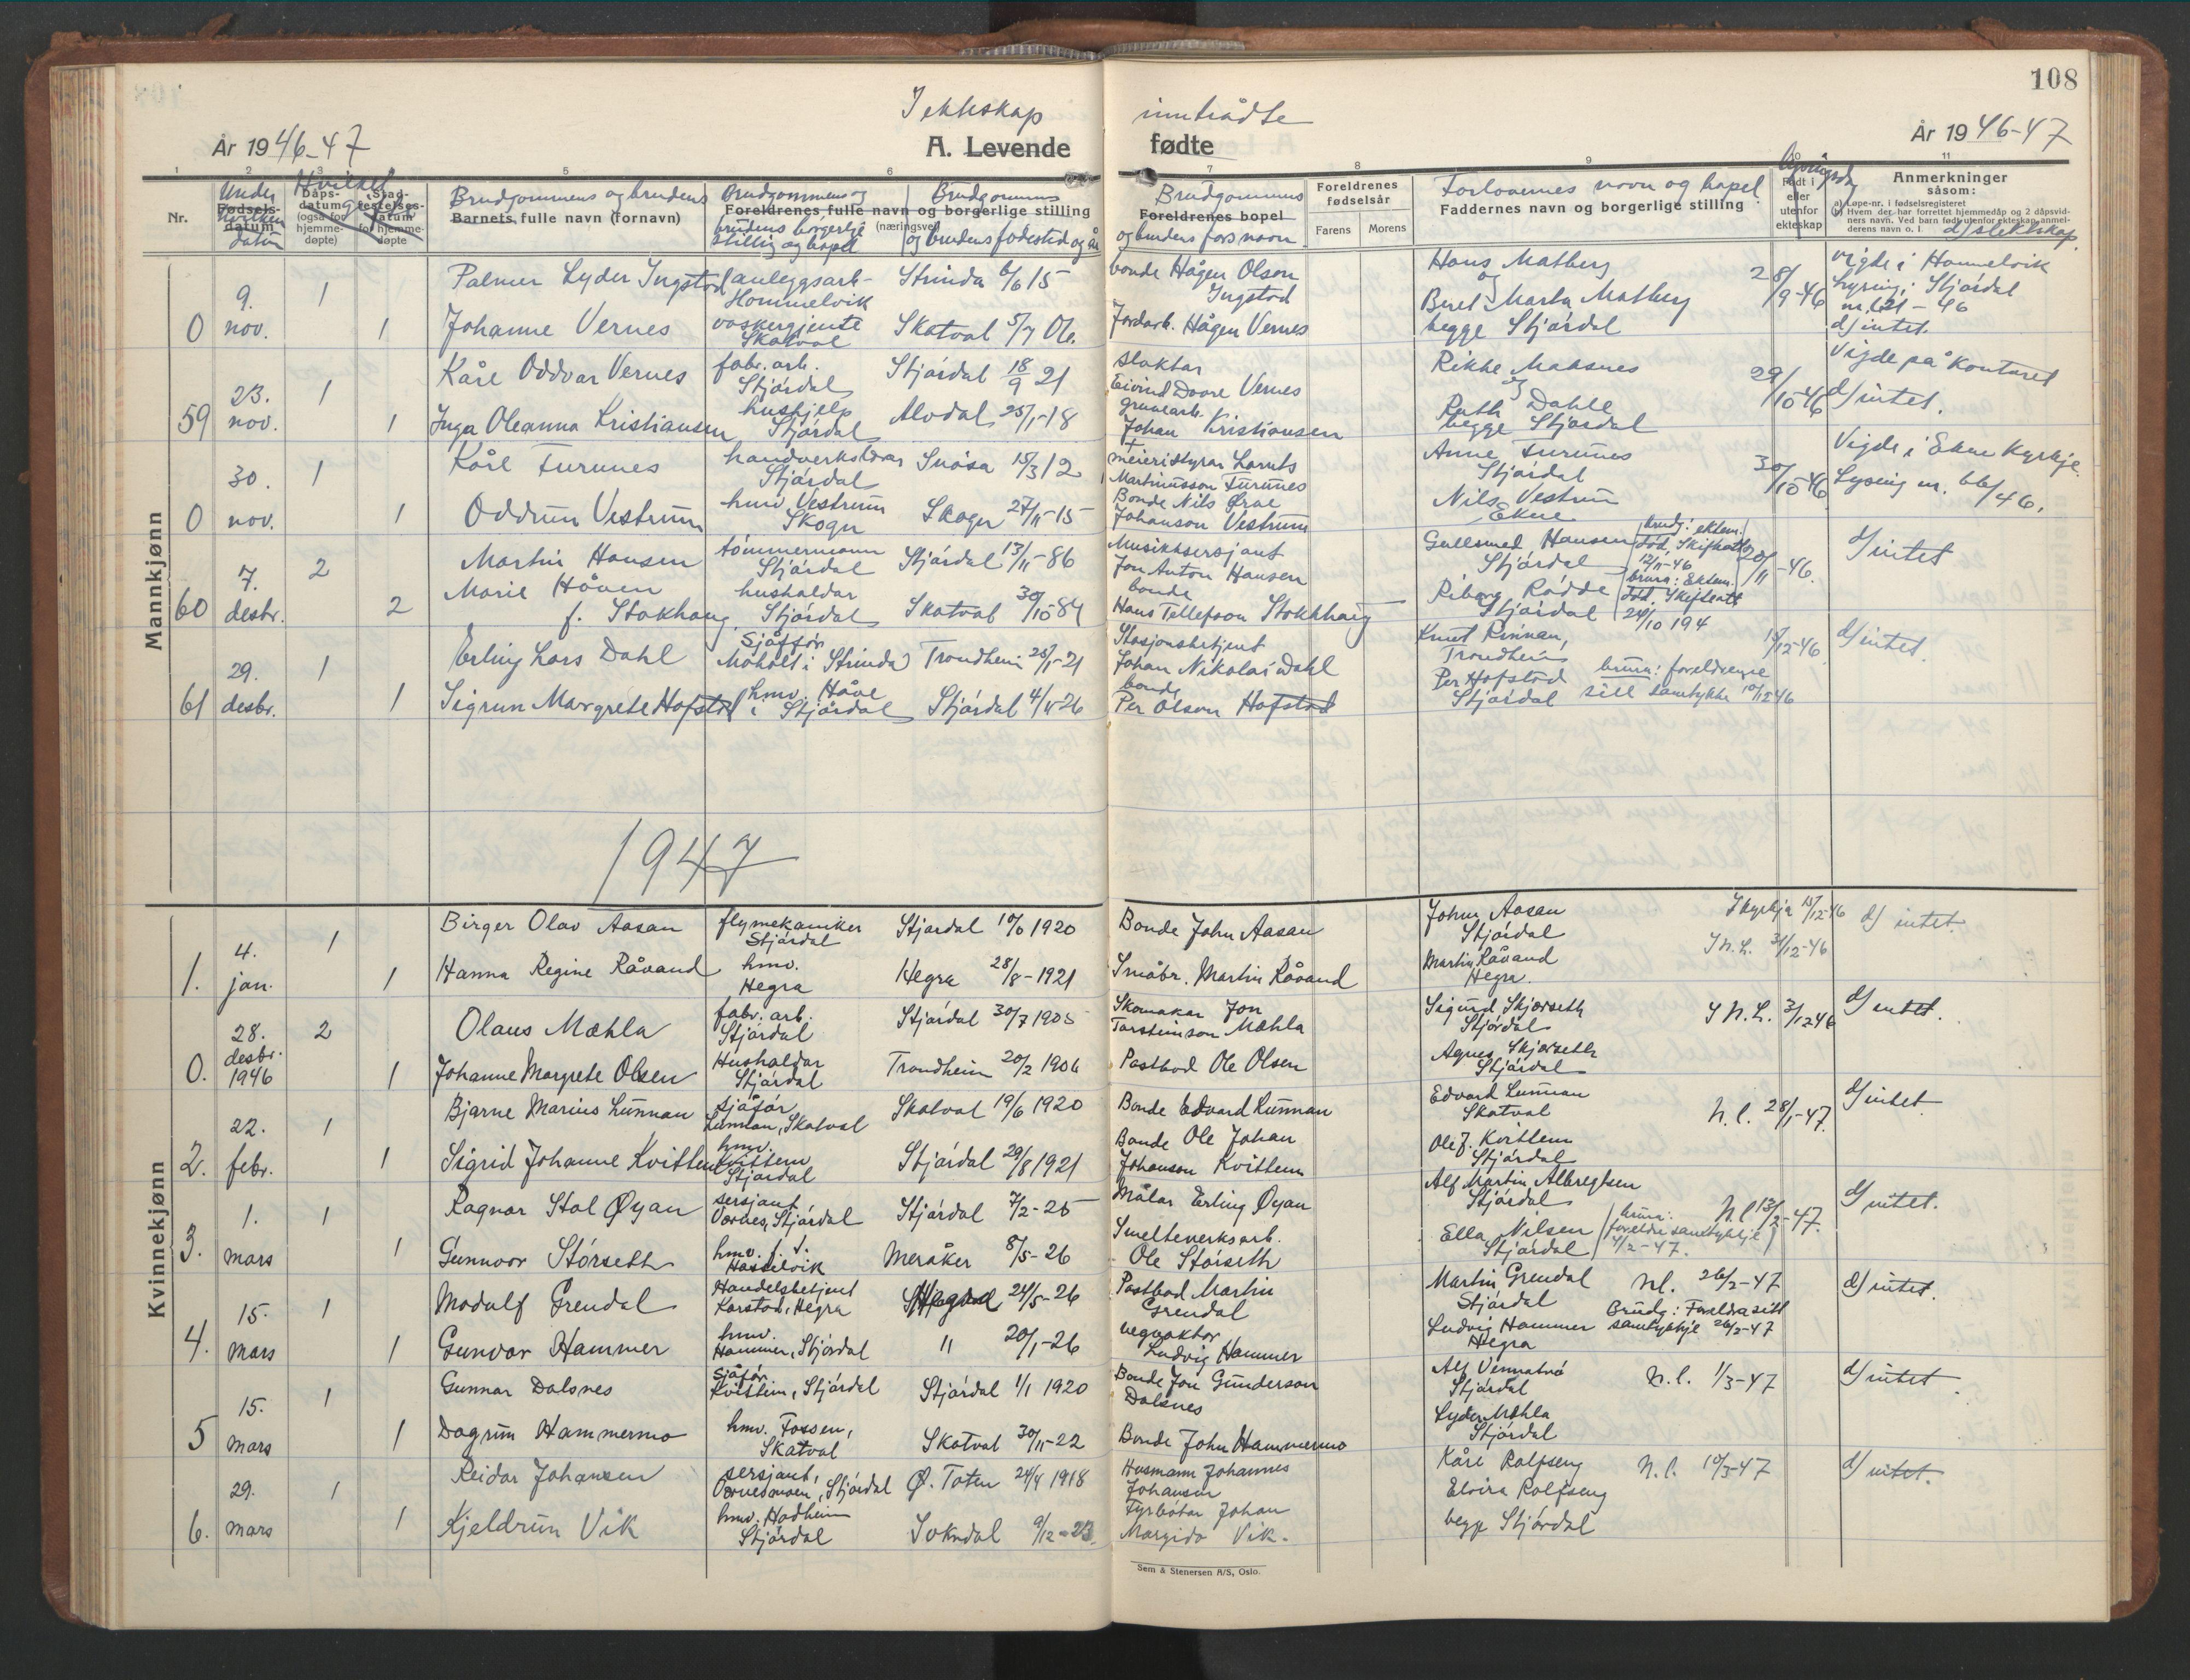 SAT, Ministerialprotokoller, klokkerbøker og fødselsregistre - Nord-Trøndelag, 709/L0089: Klokkerbok nr. 709C03, 1935-1948, s. 108